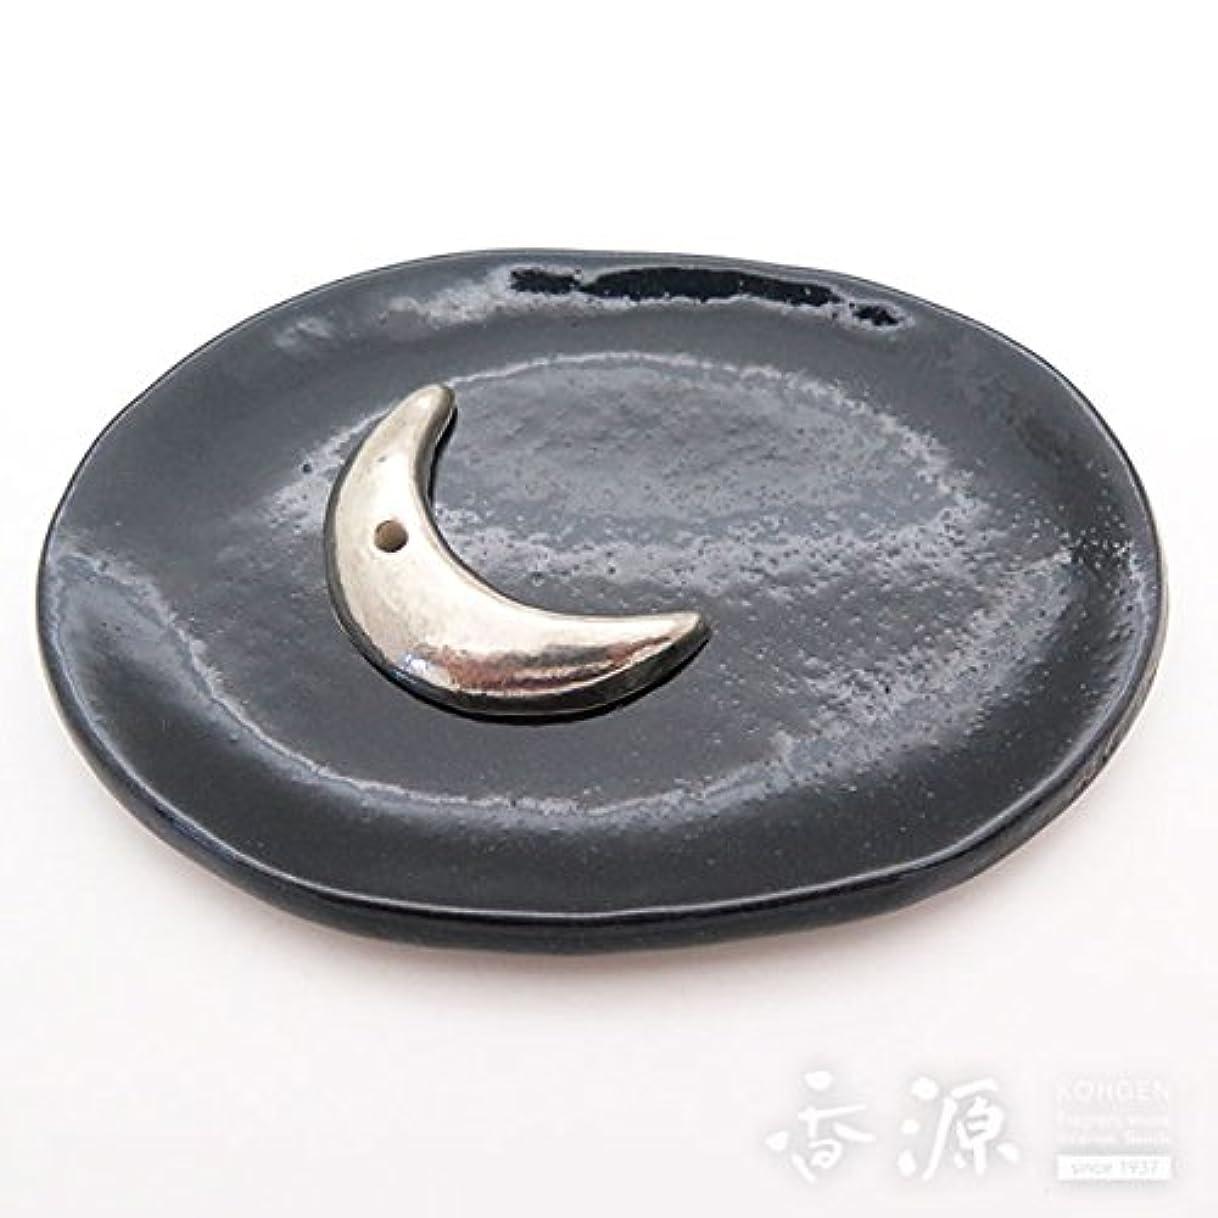 磁気彫刻家解体する京焼 香立?香皿セット 夜空(銀)セット